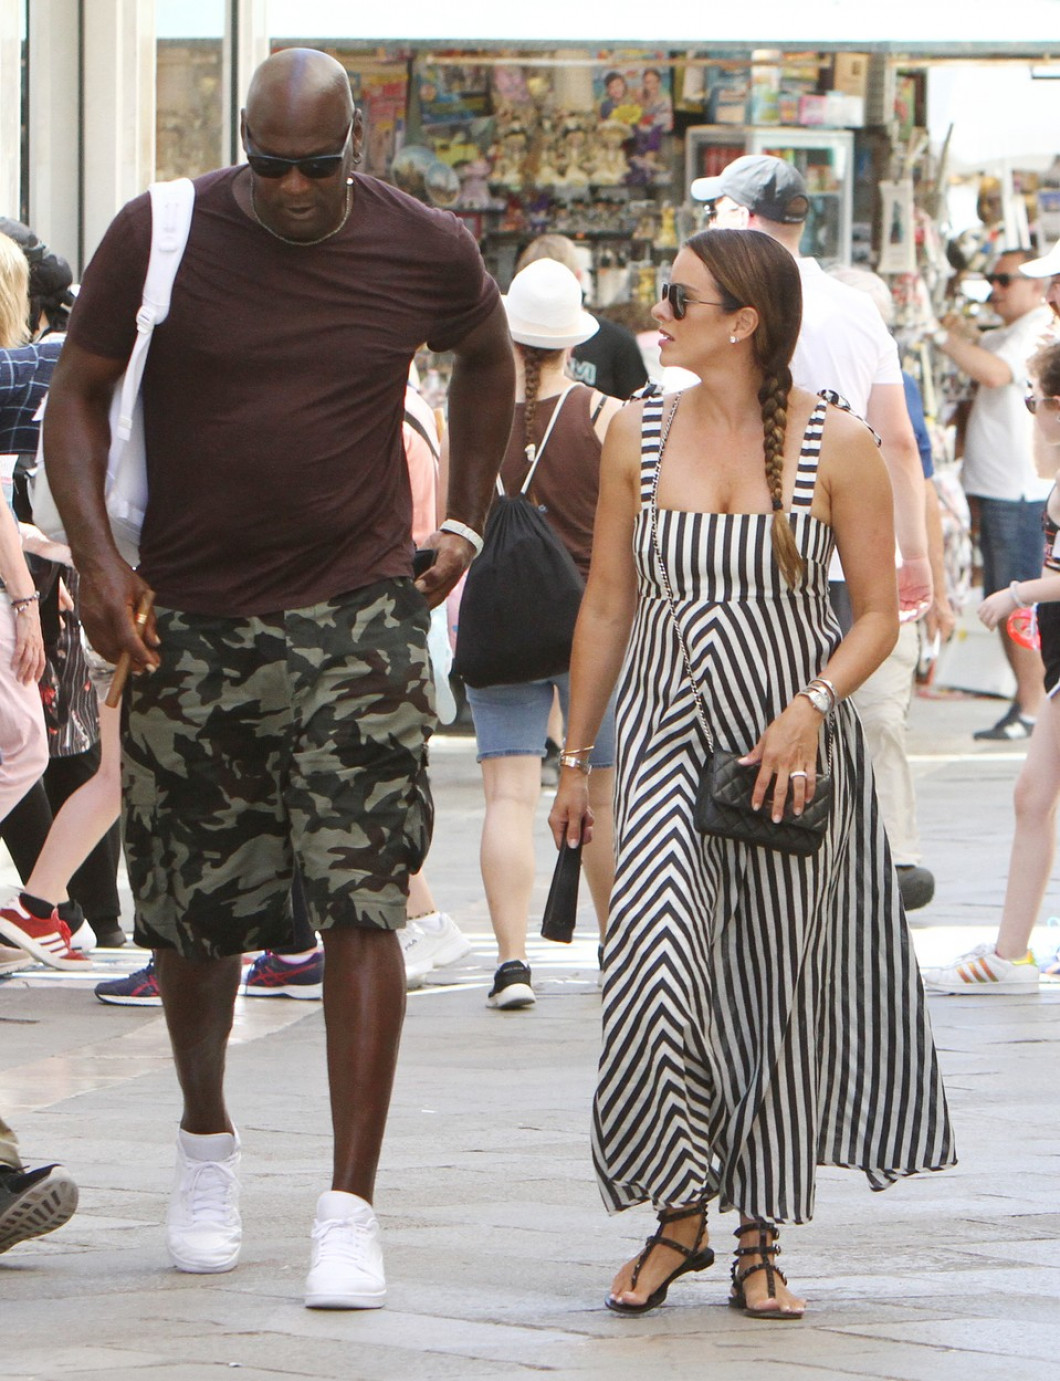 Michael Jordan and wife Yvette Prieto make a romantic taxi boat ride in Venice